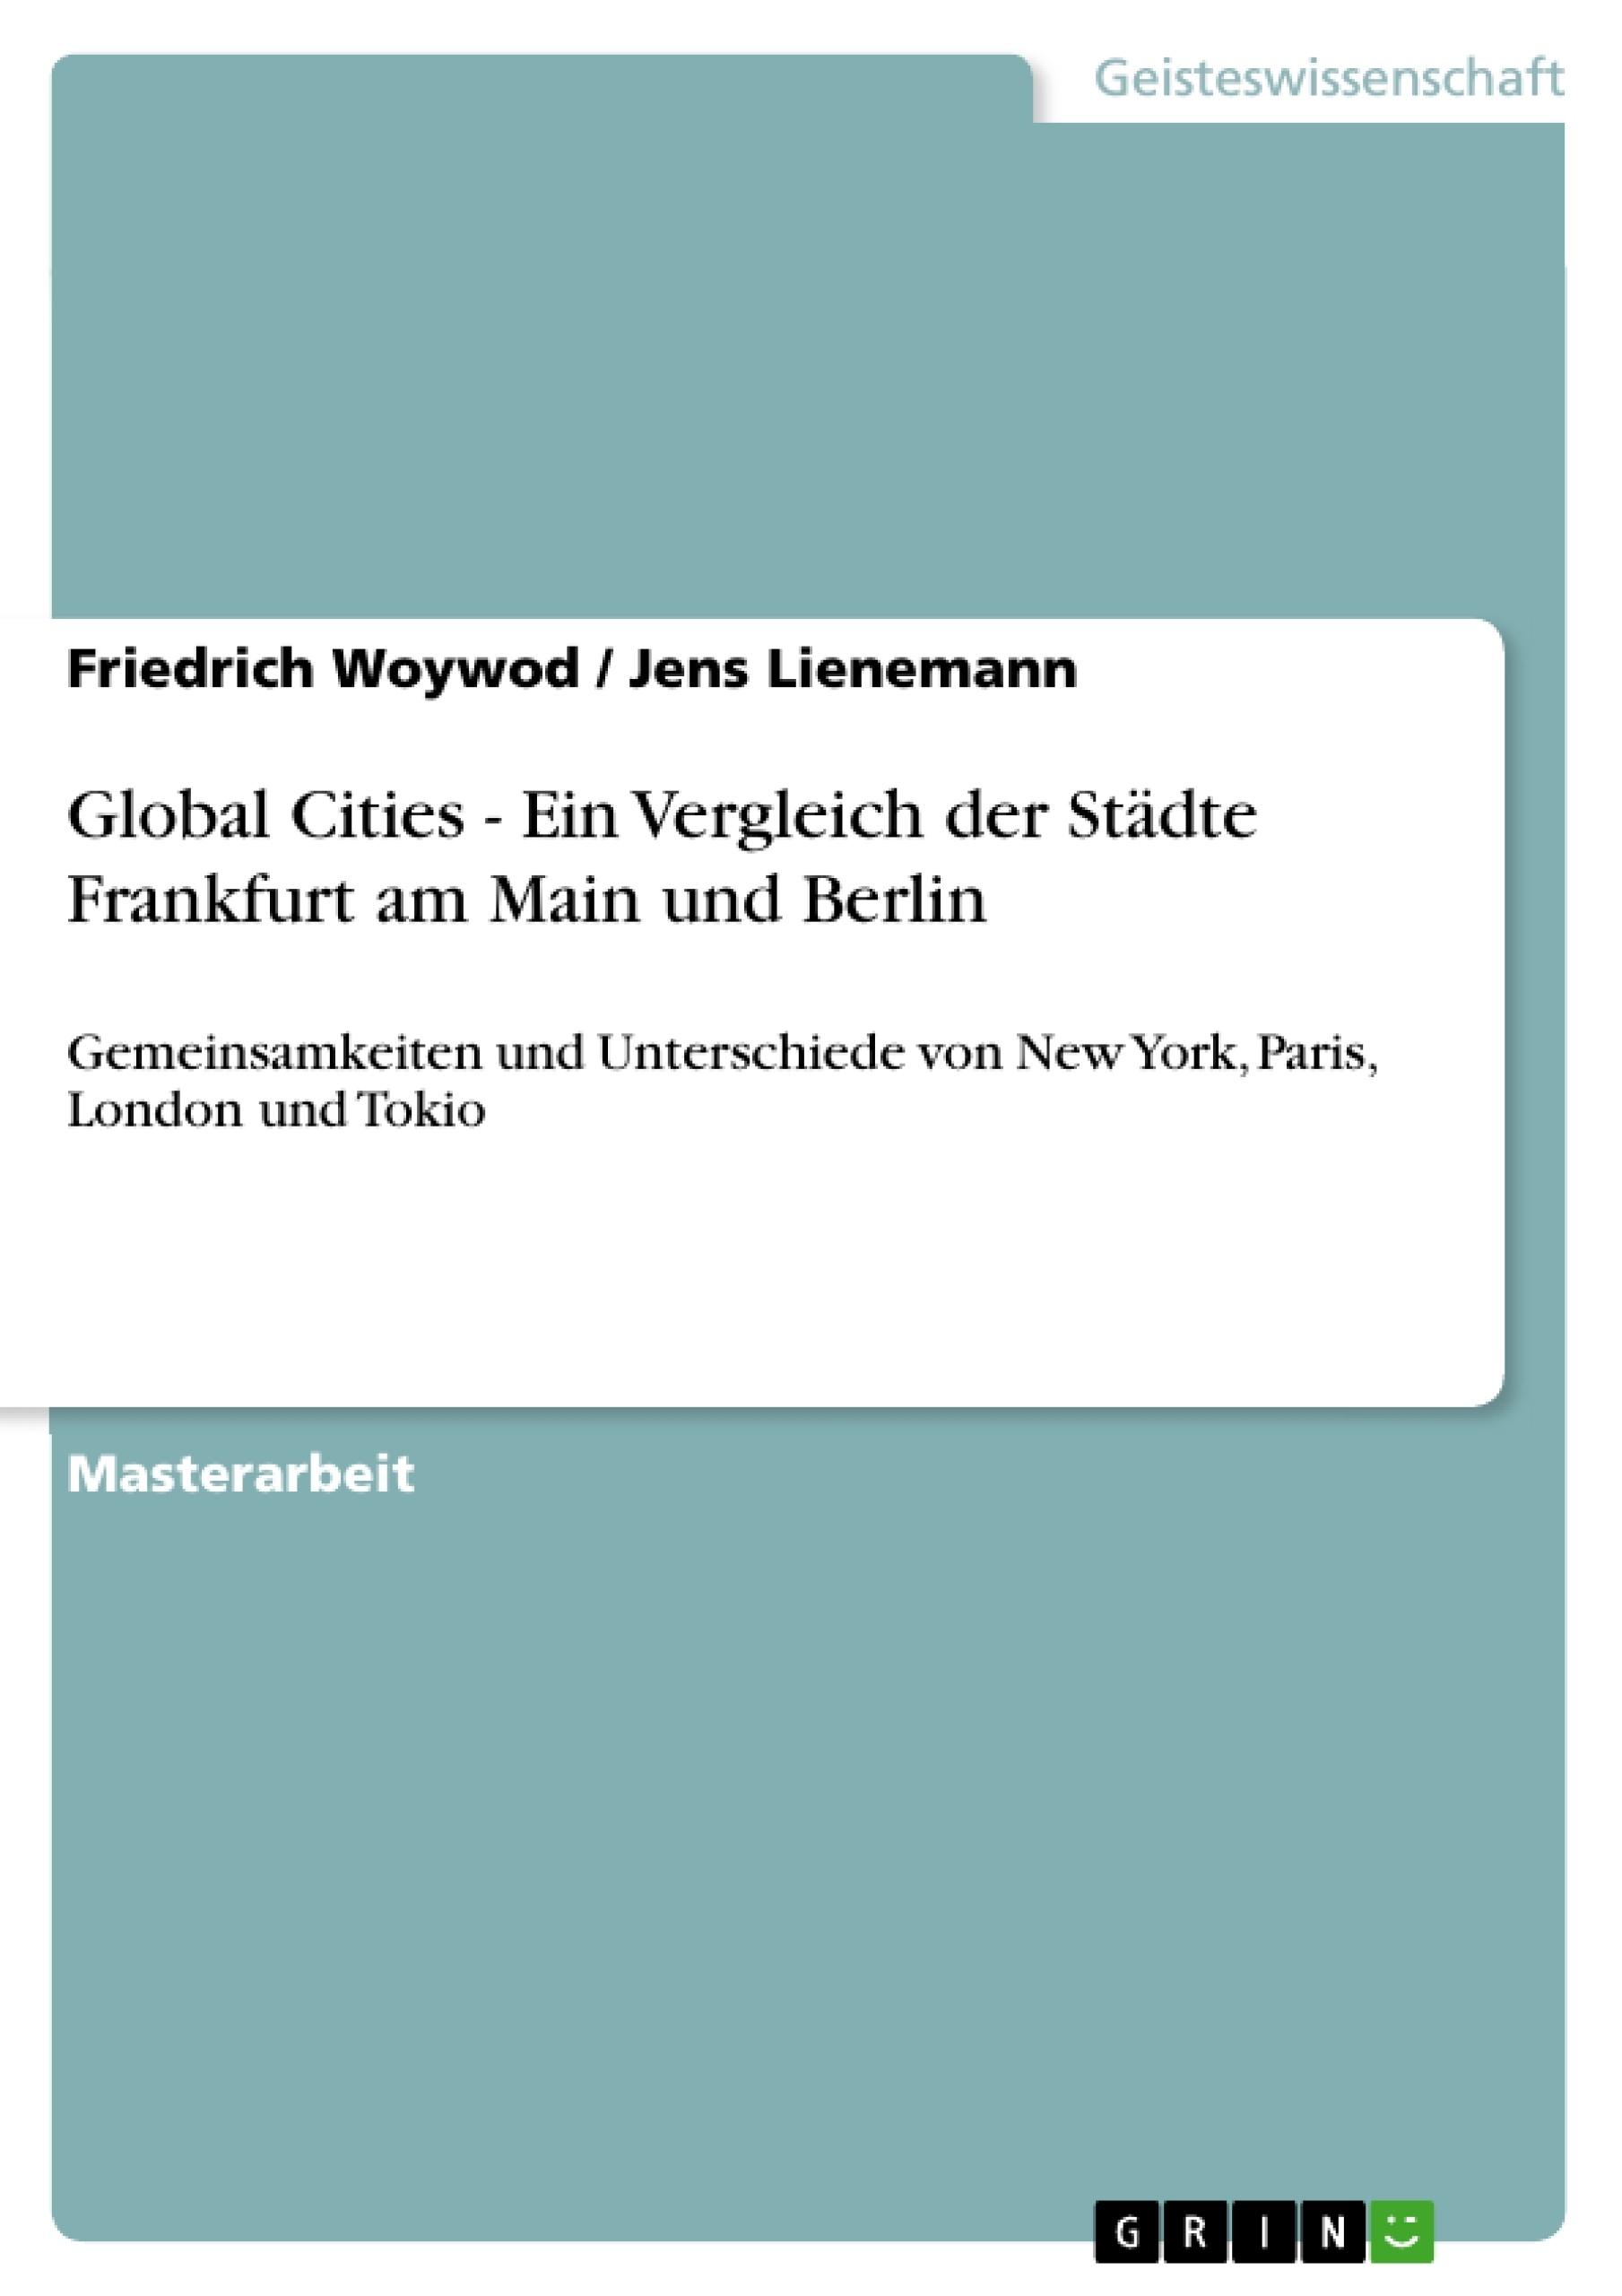 Titel: Global Cities -  Ein Vergleich der Städte Frankfurt am Main und Berlin